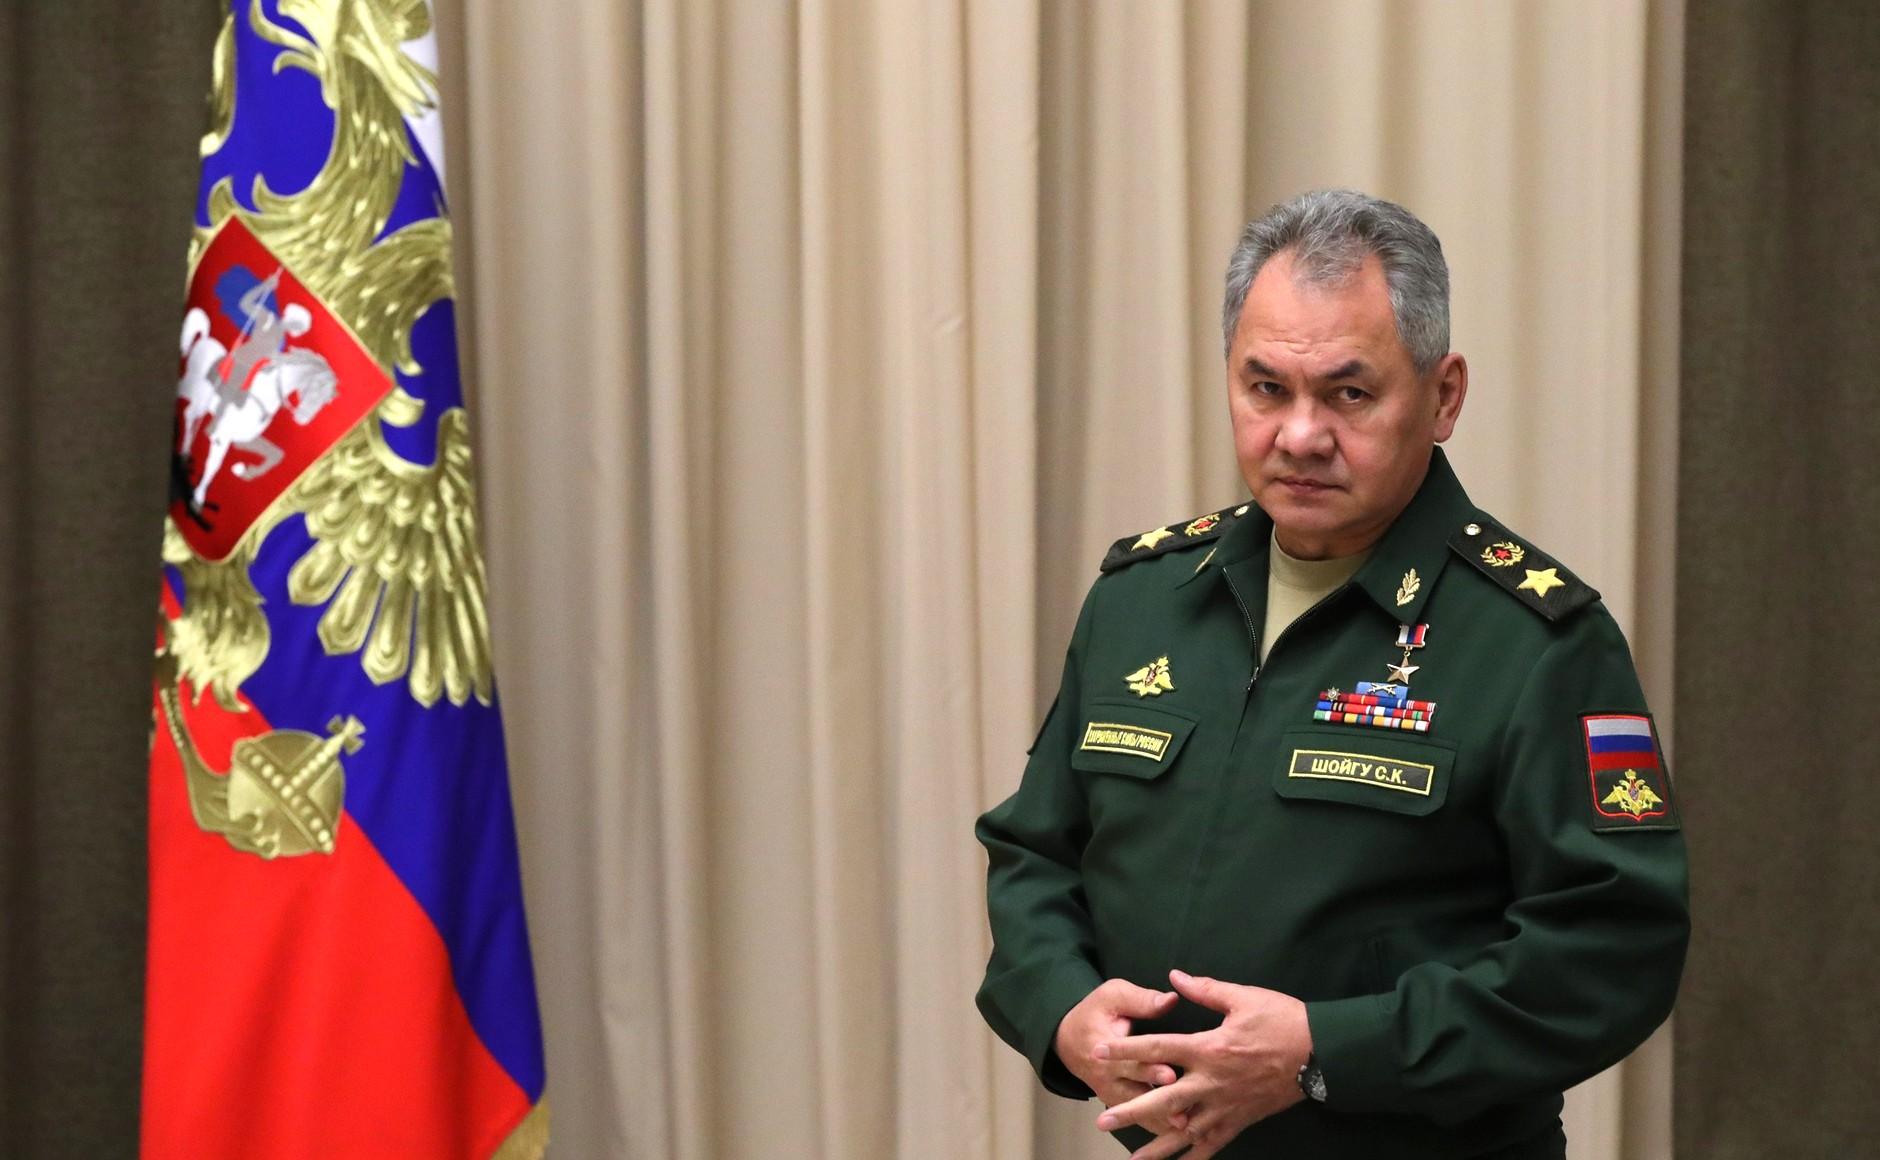 Шойгу проверит соединения и воинские части в Ростове-на-Дону